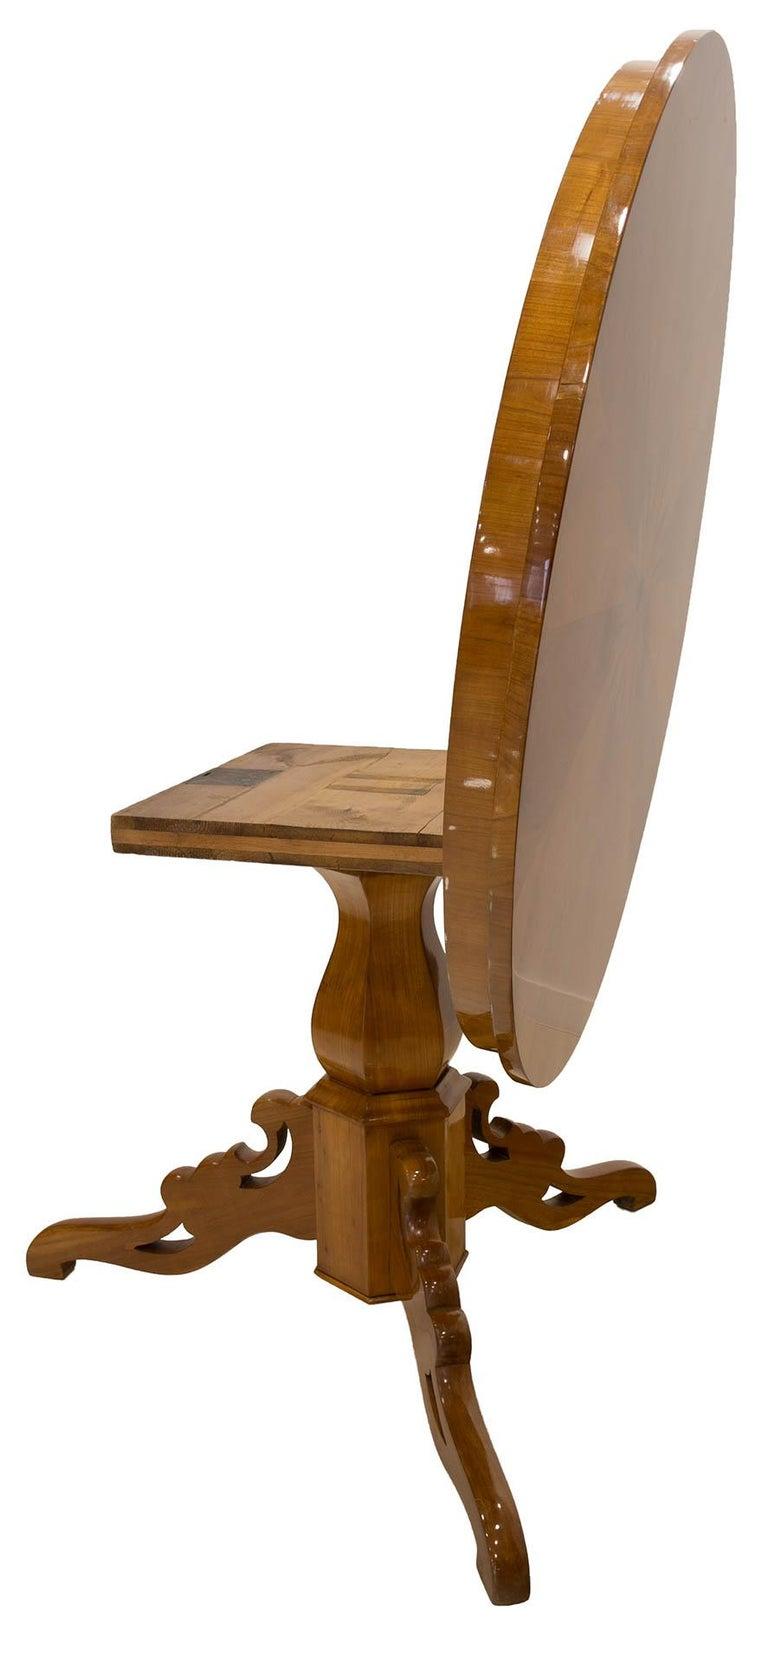 Biedermeier Round Table in Cherrywood Veneer, Germany, 19th Century For Sale 4